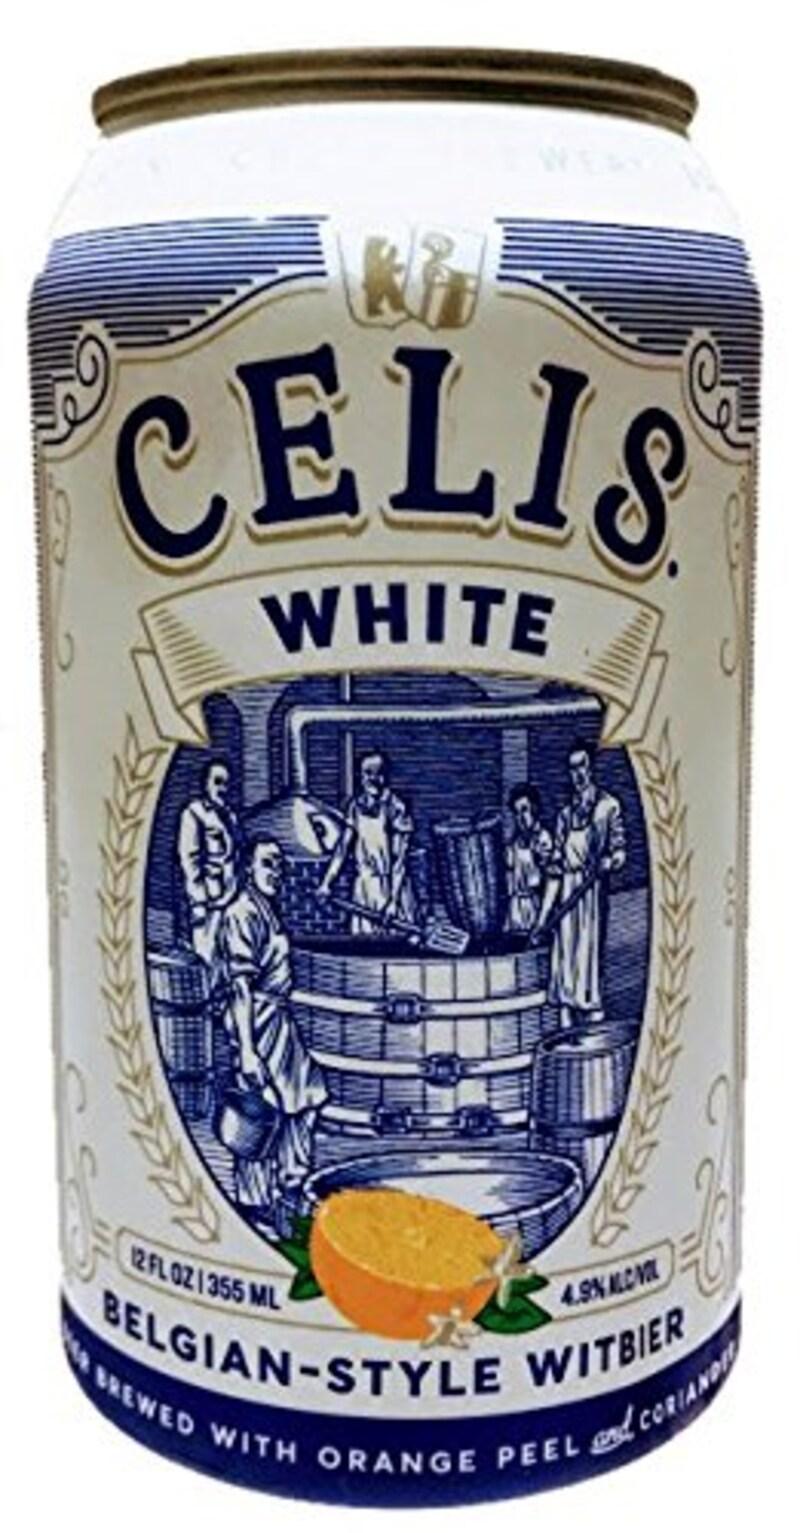 セリス・ホワイト,セリス・ホワイト